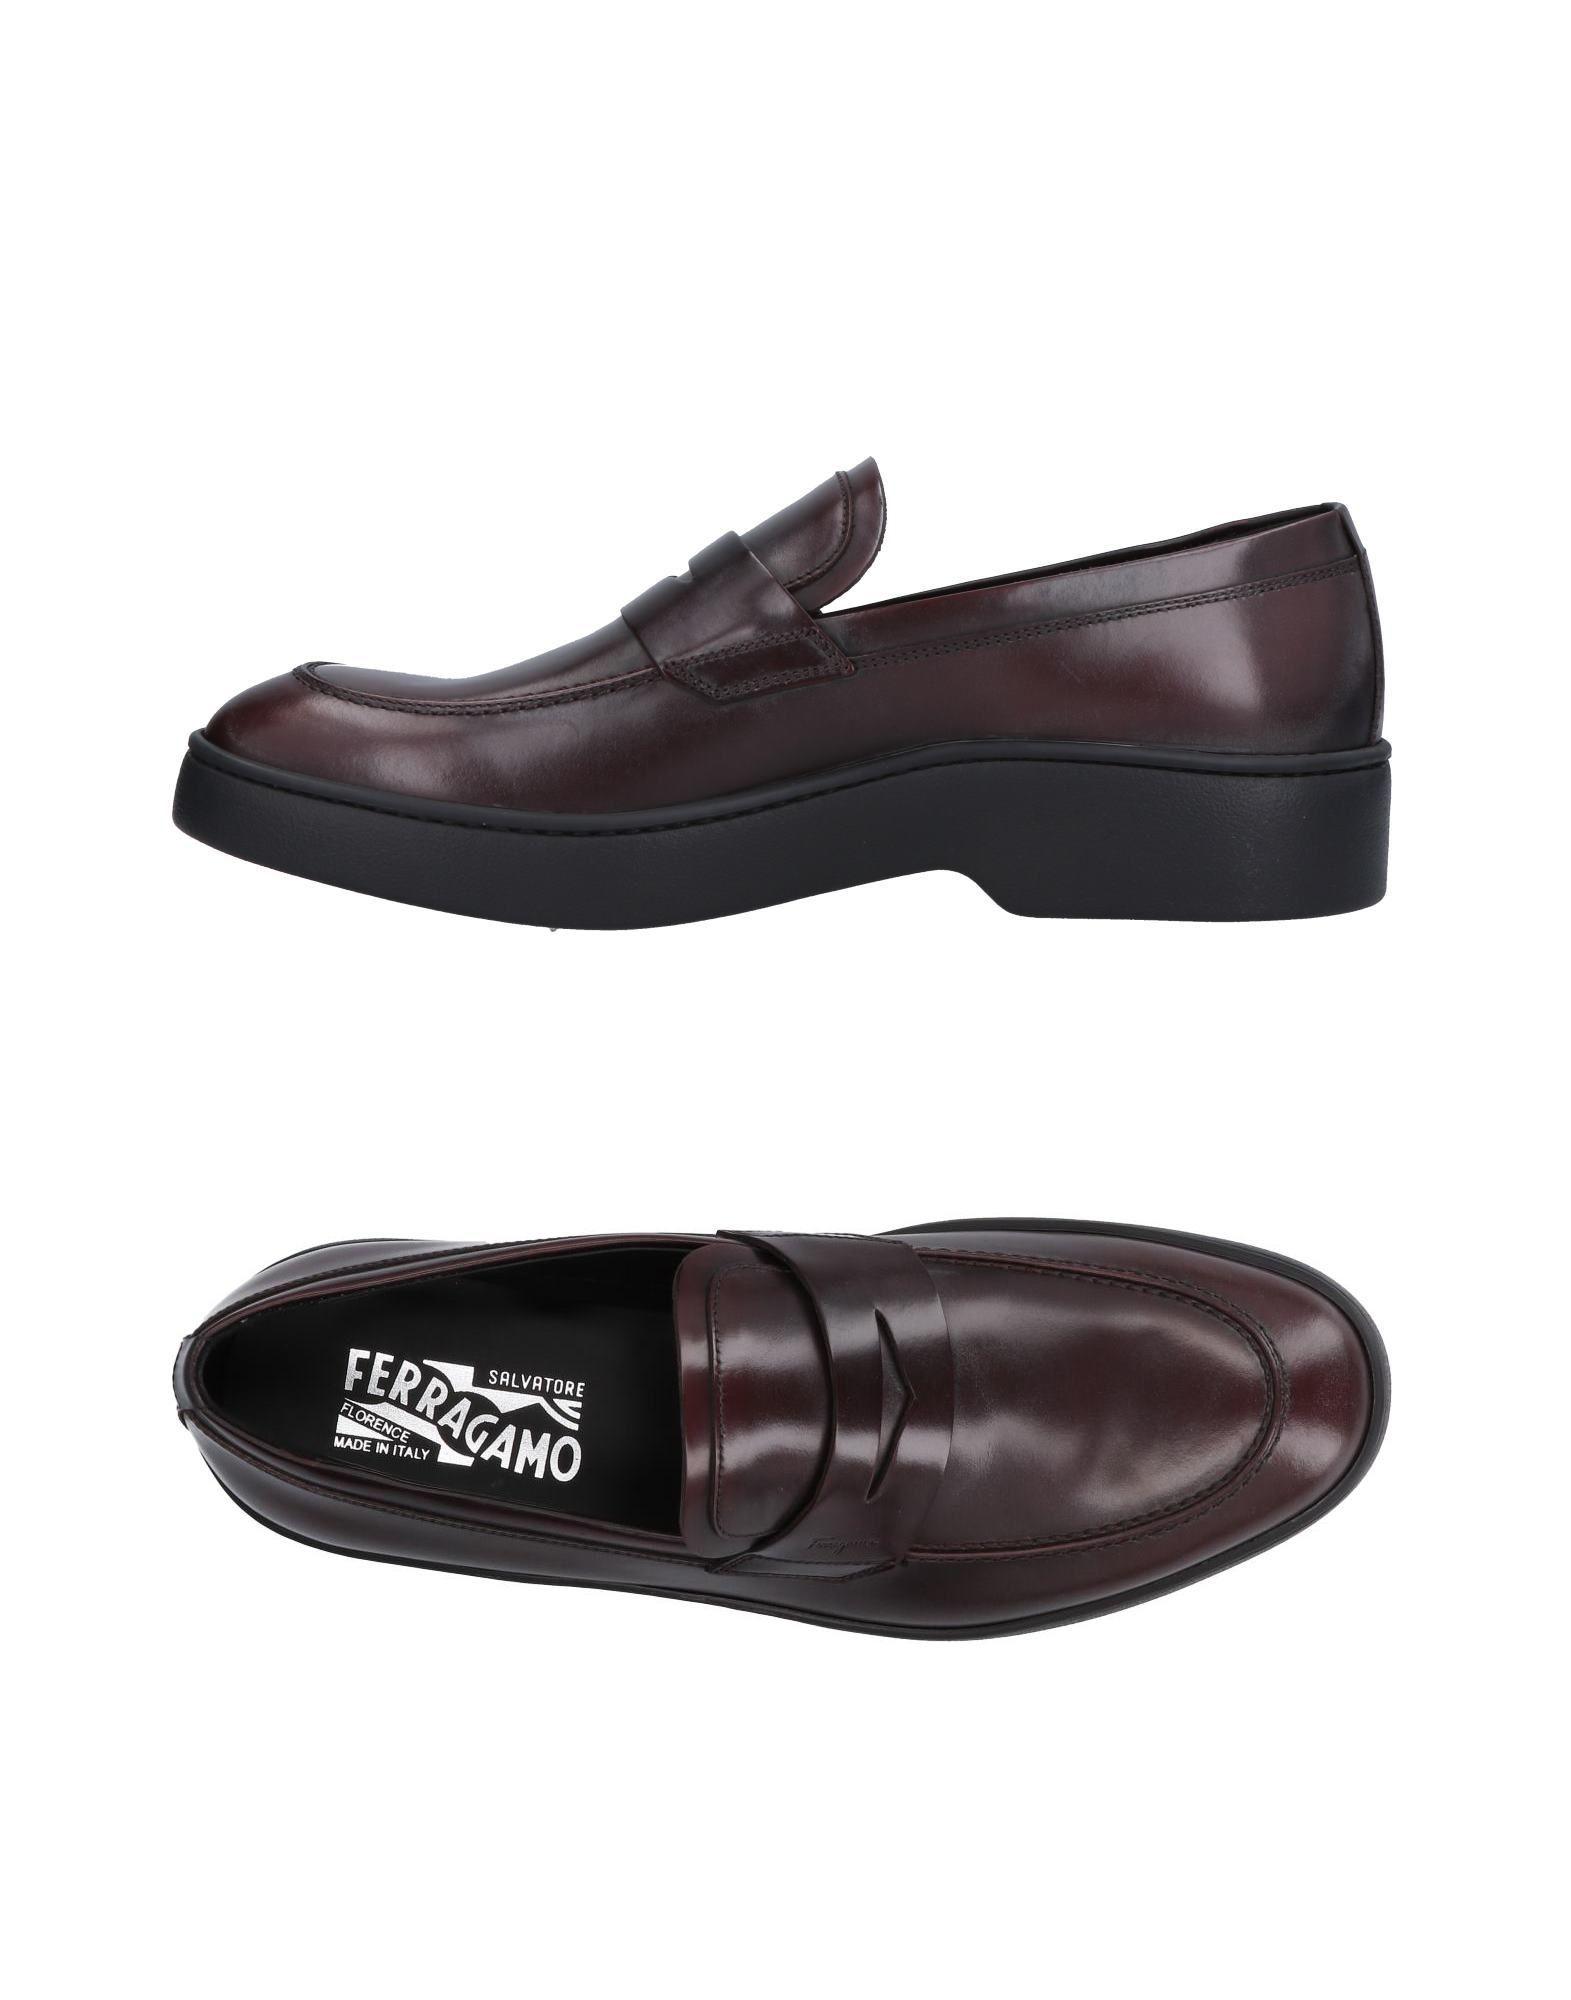 Salvatore Ferragamo Mokassins Herren  11492830LC Gute Qualität beliebte Schuhe